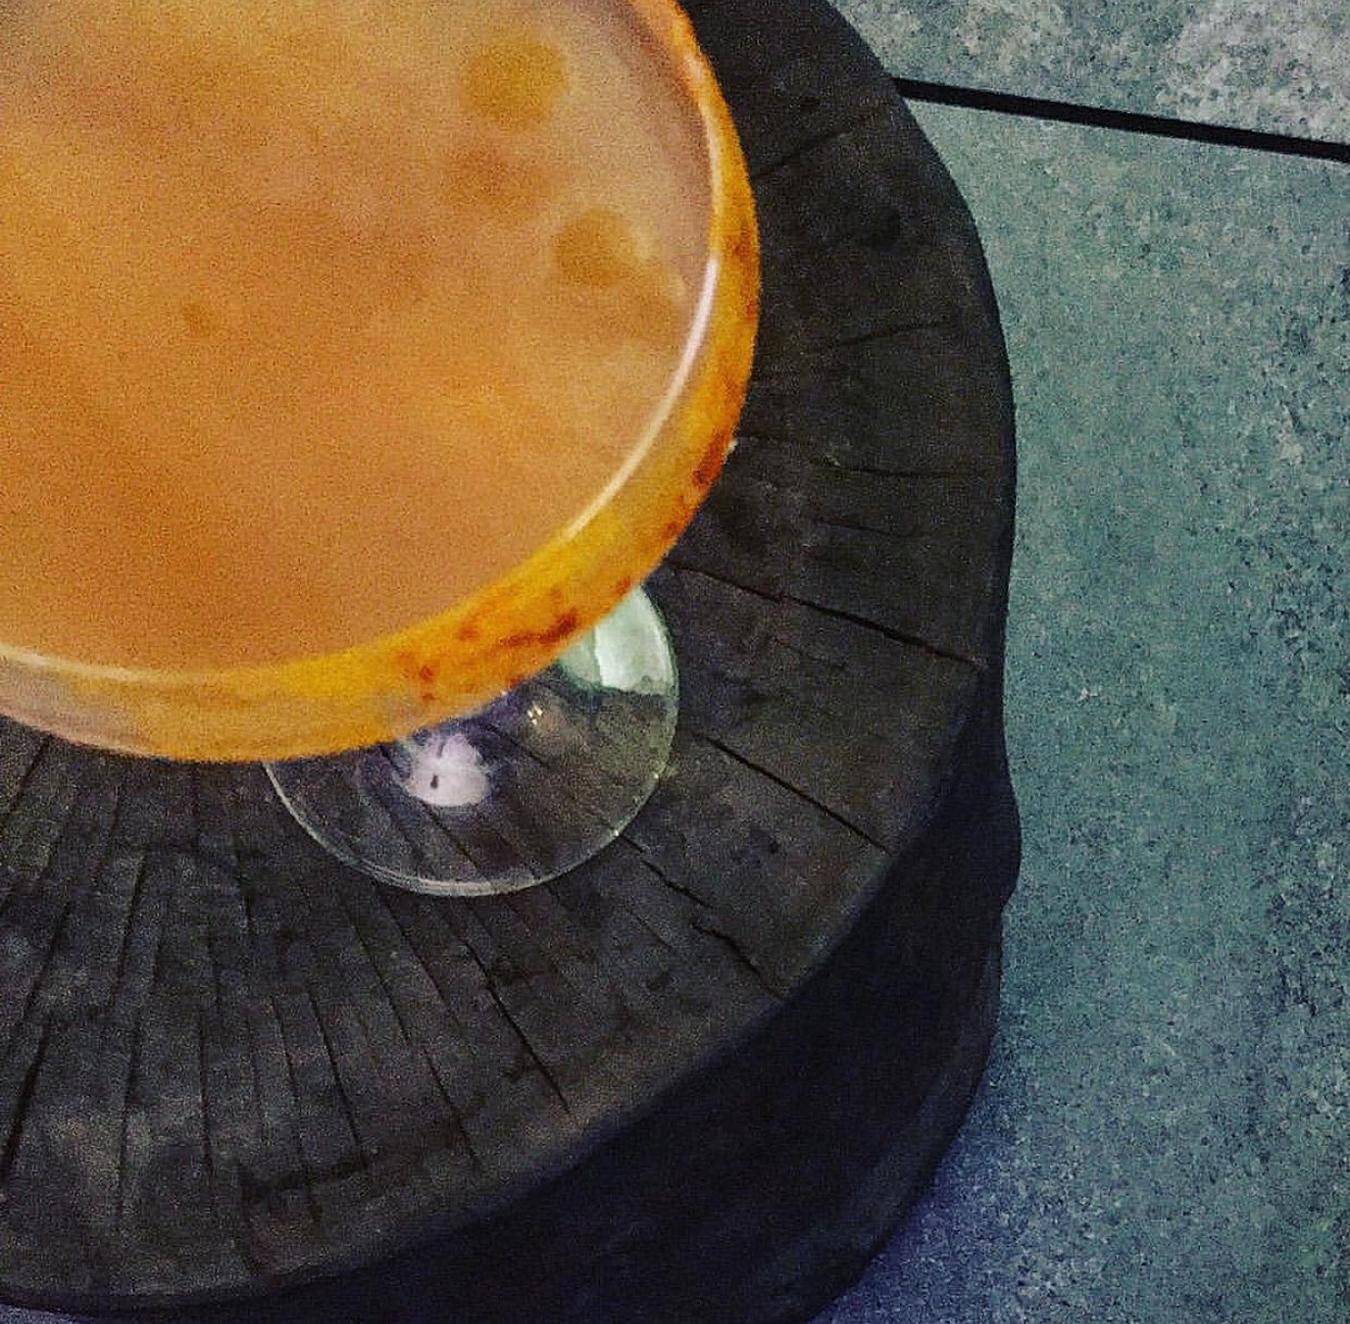 Katie_Kerl_Valentine's_Day_love_romance_orange_drink_cocktail